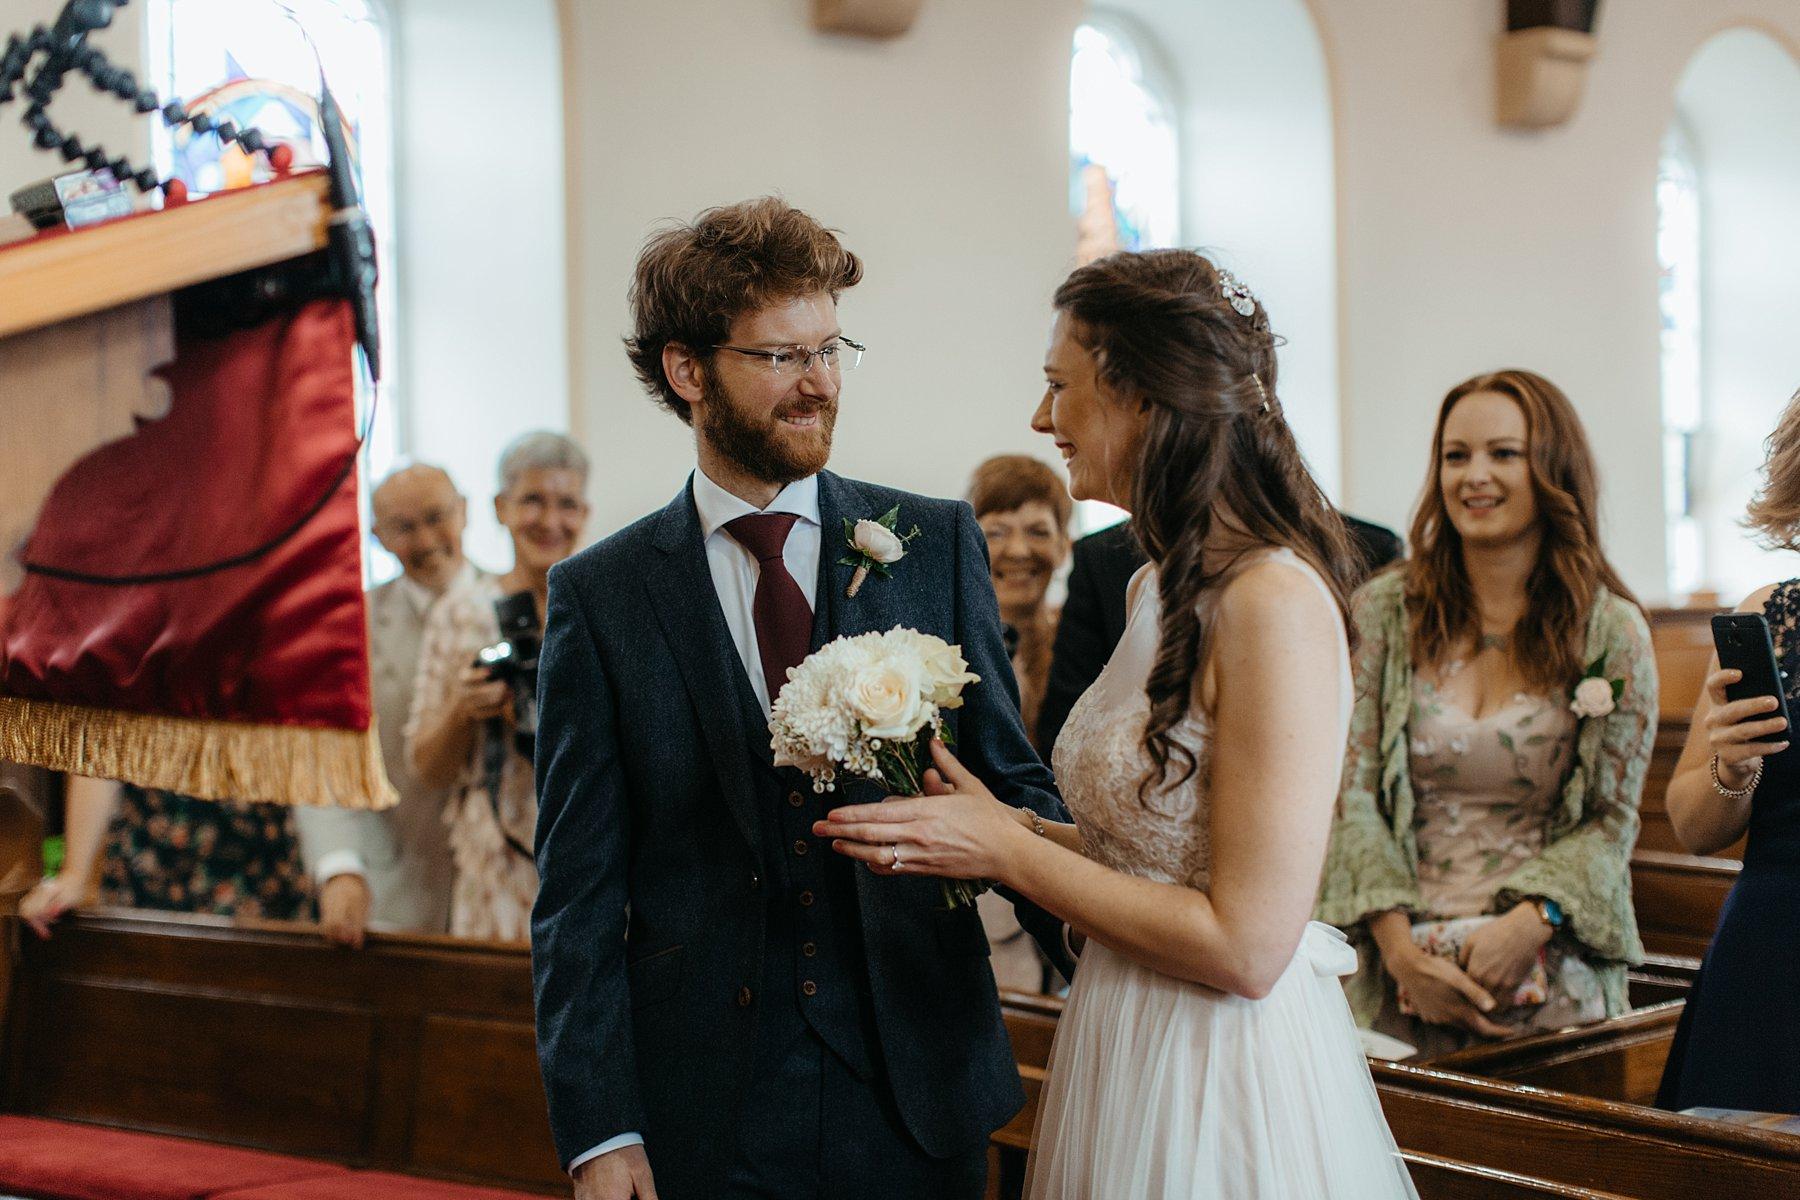 hornhead_donegak_elopement_weddings_0032